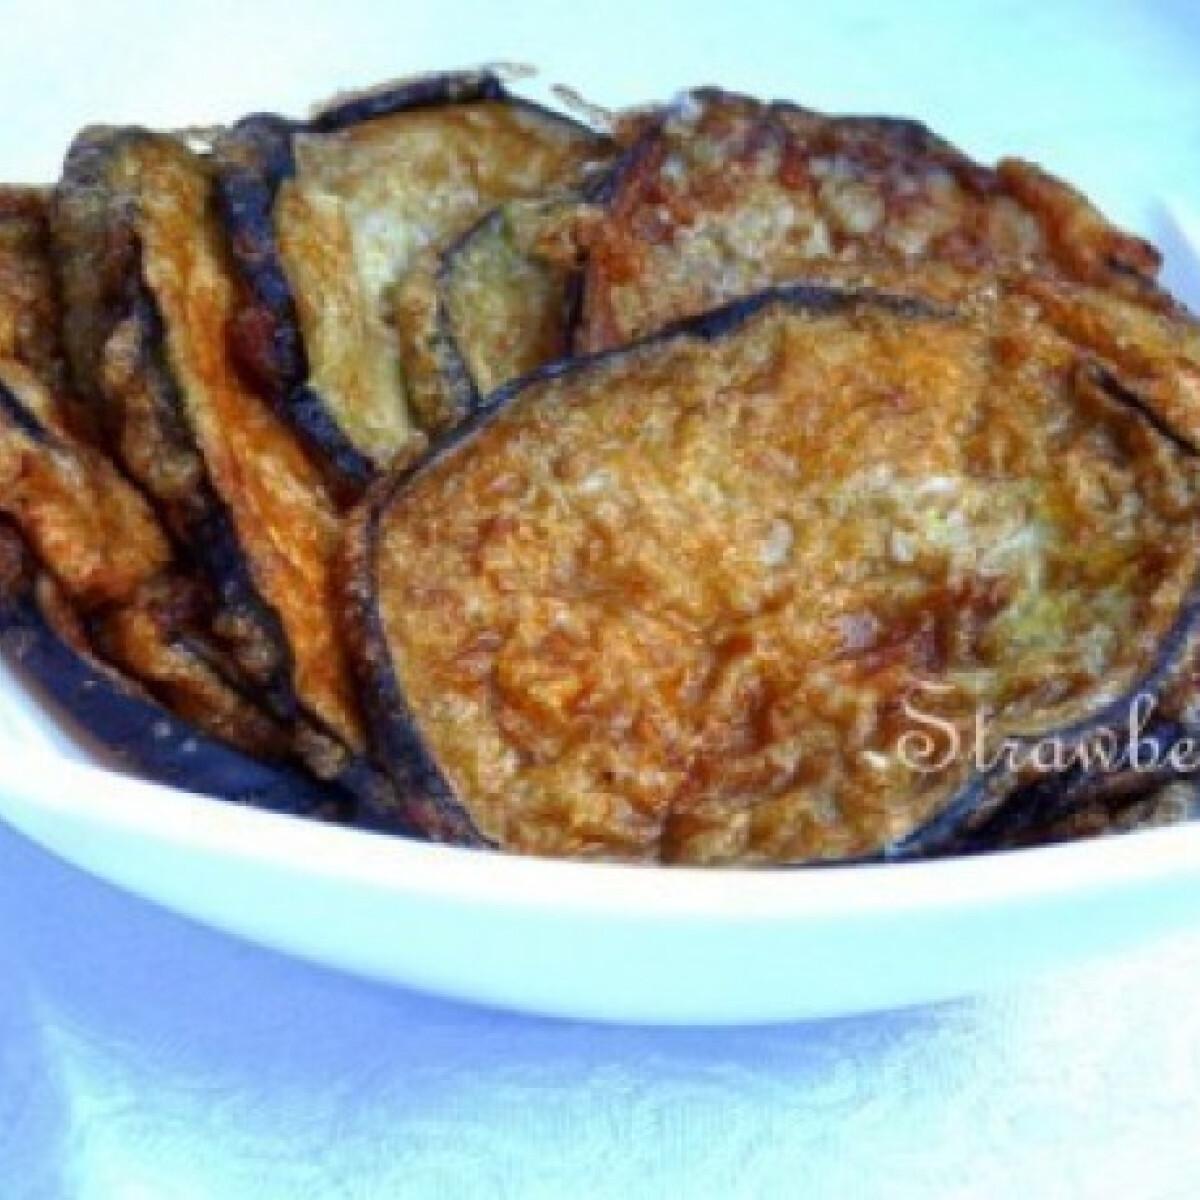 Ezen a képen: Padlizsán snack, vagy mi